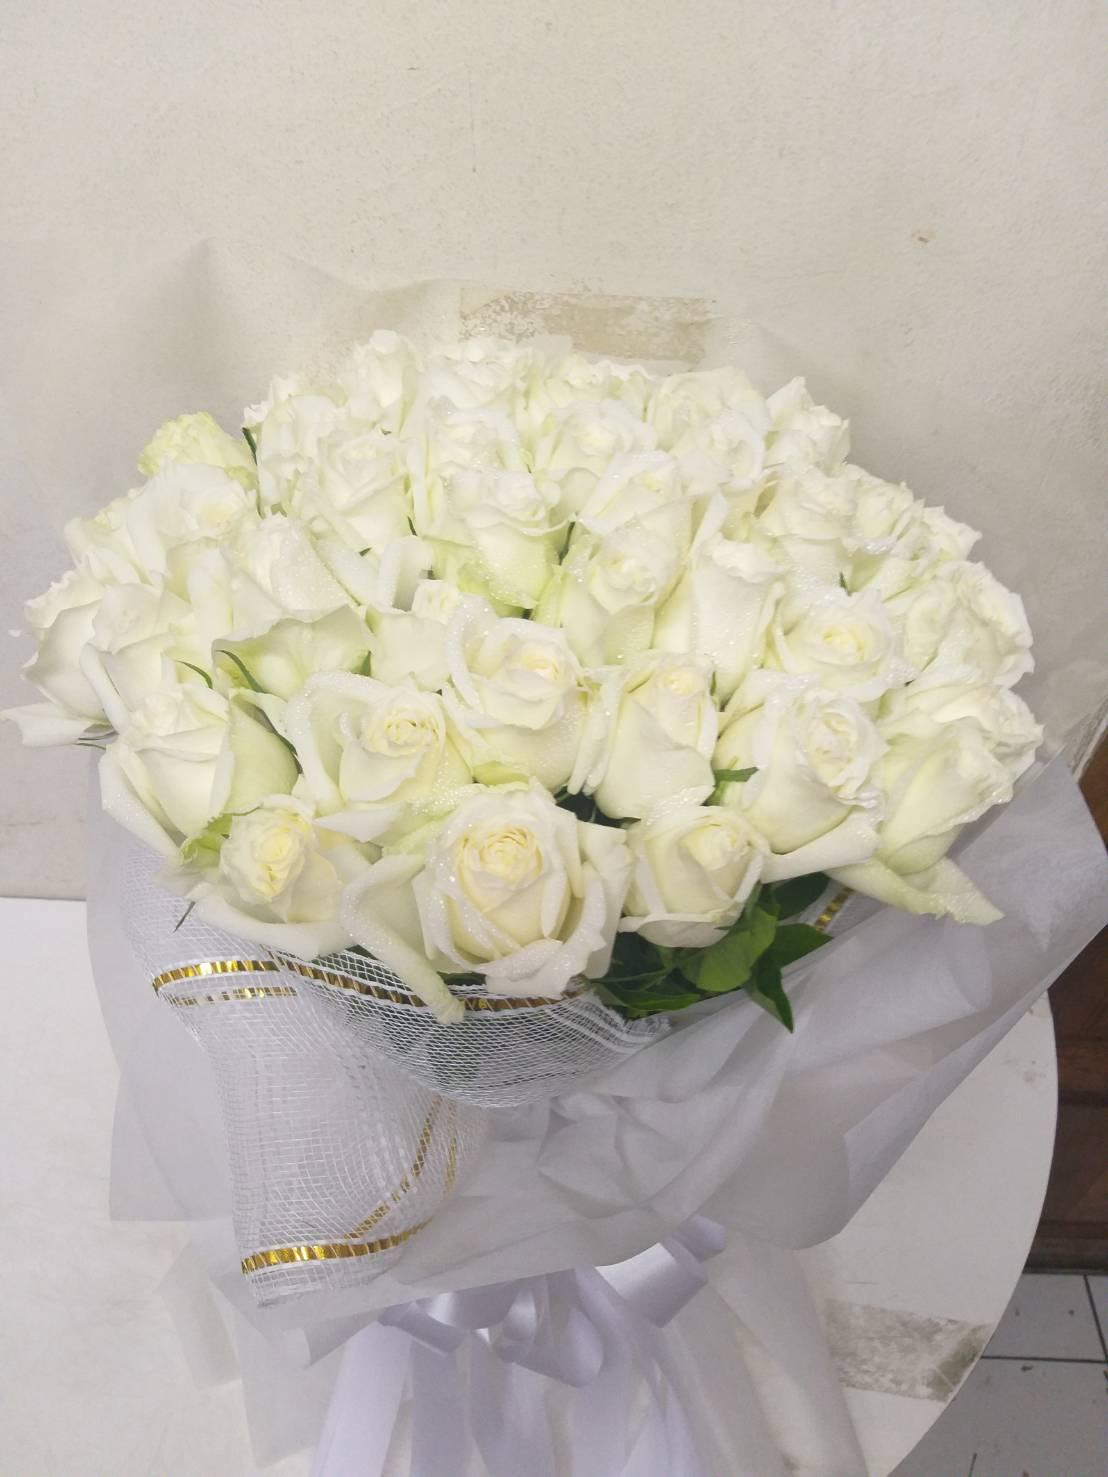 ช่อดอกกุหลาบขาว สื่อถึงความรักแท้ที่มอบให้กับคนที่คุณรักสุดหัวใจ